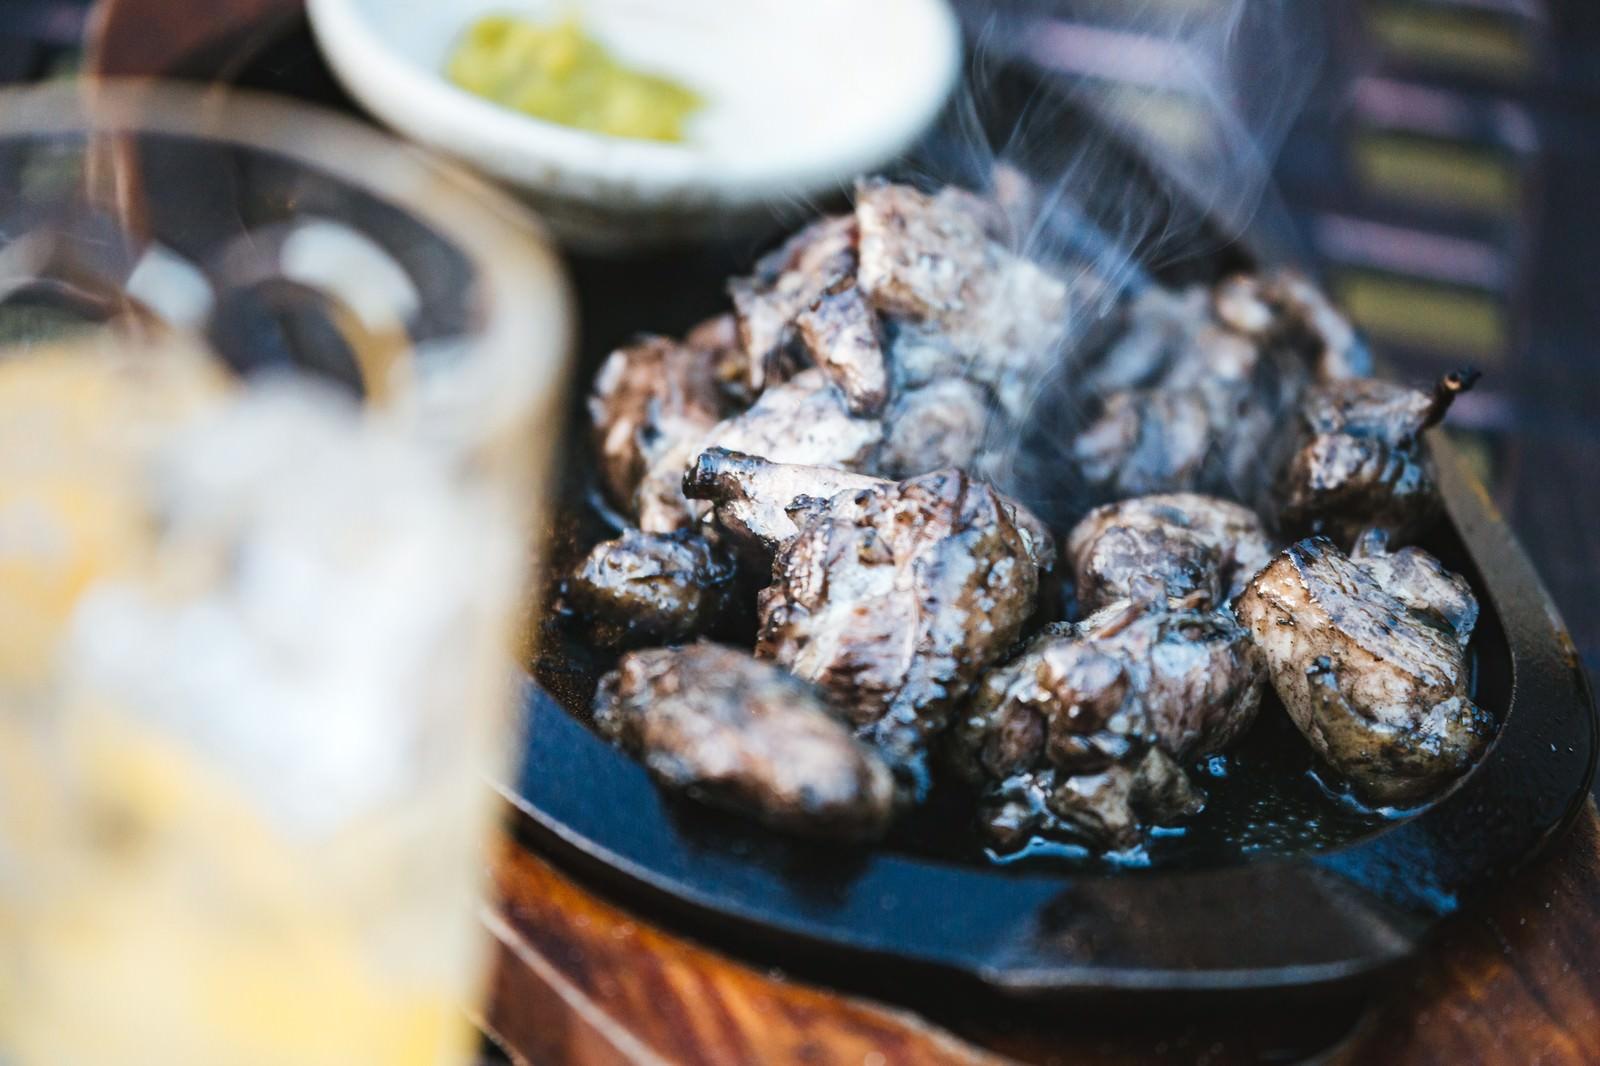 「お酒によく合う湯気たつみやざき地頭鶏」の写真